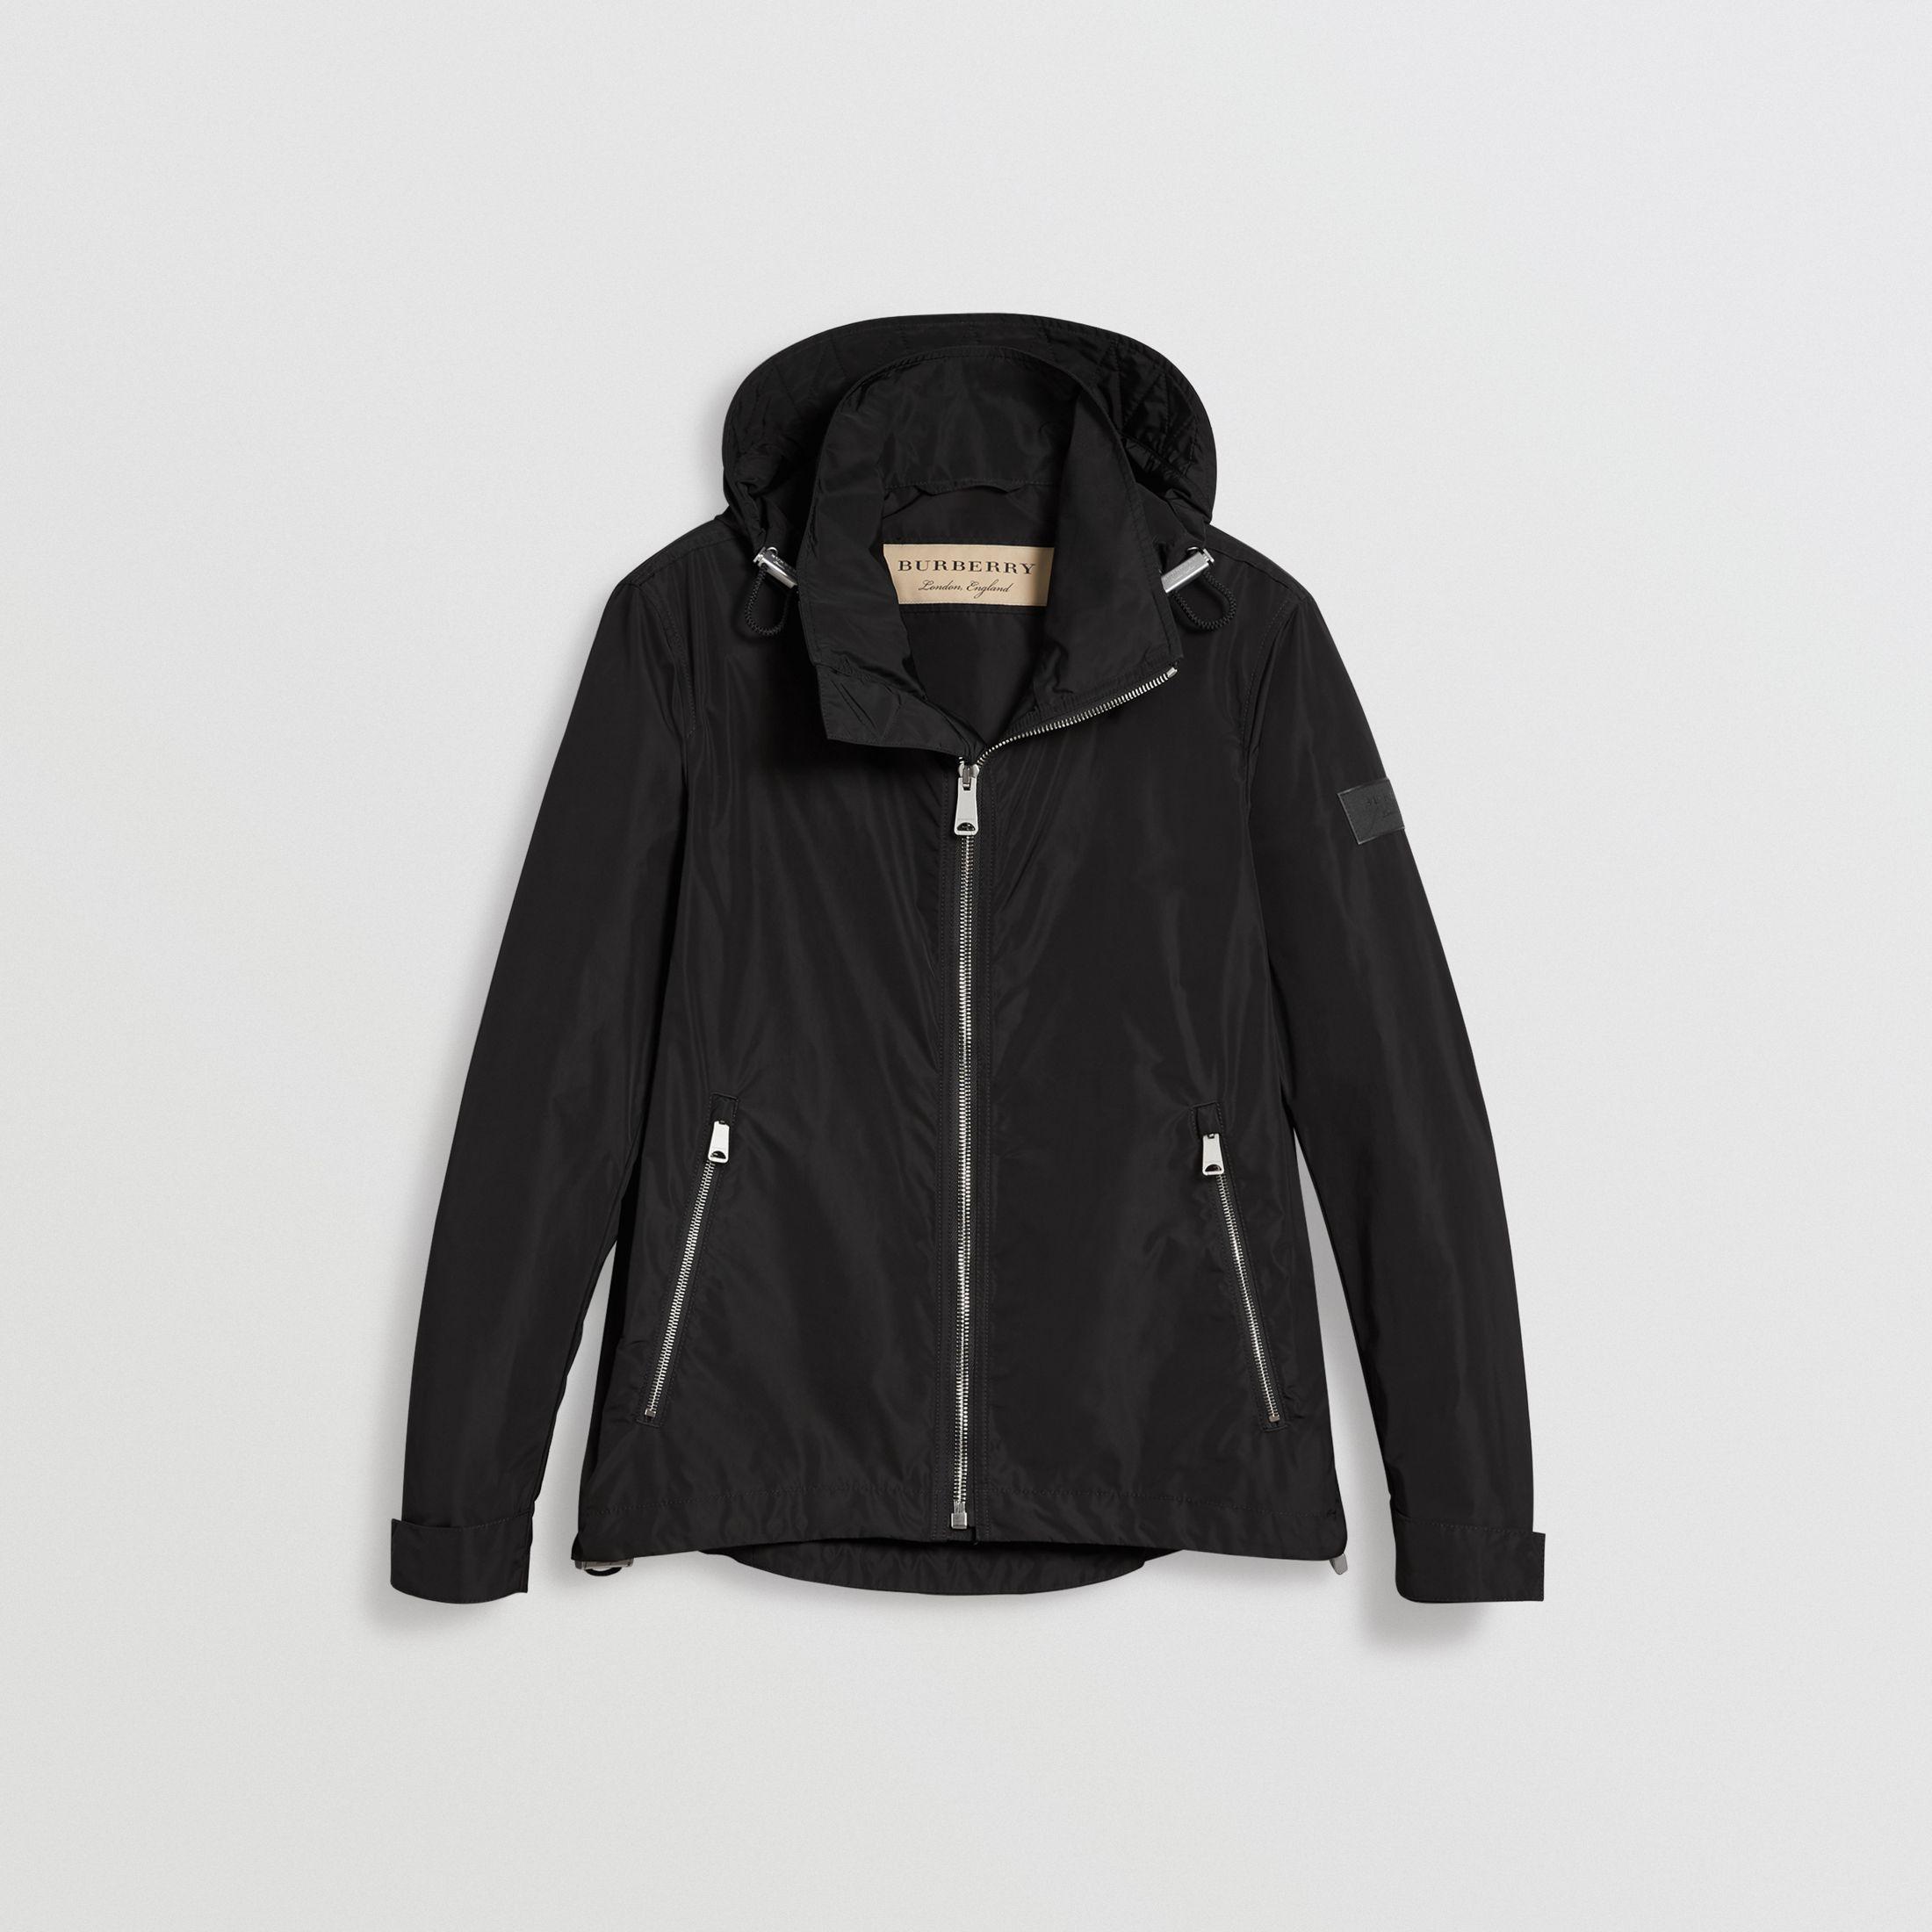 Burberry jacket - £450